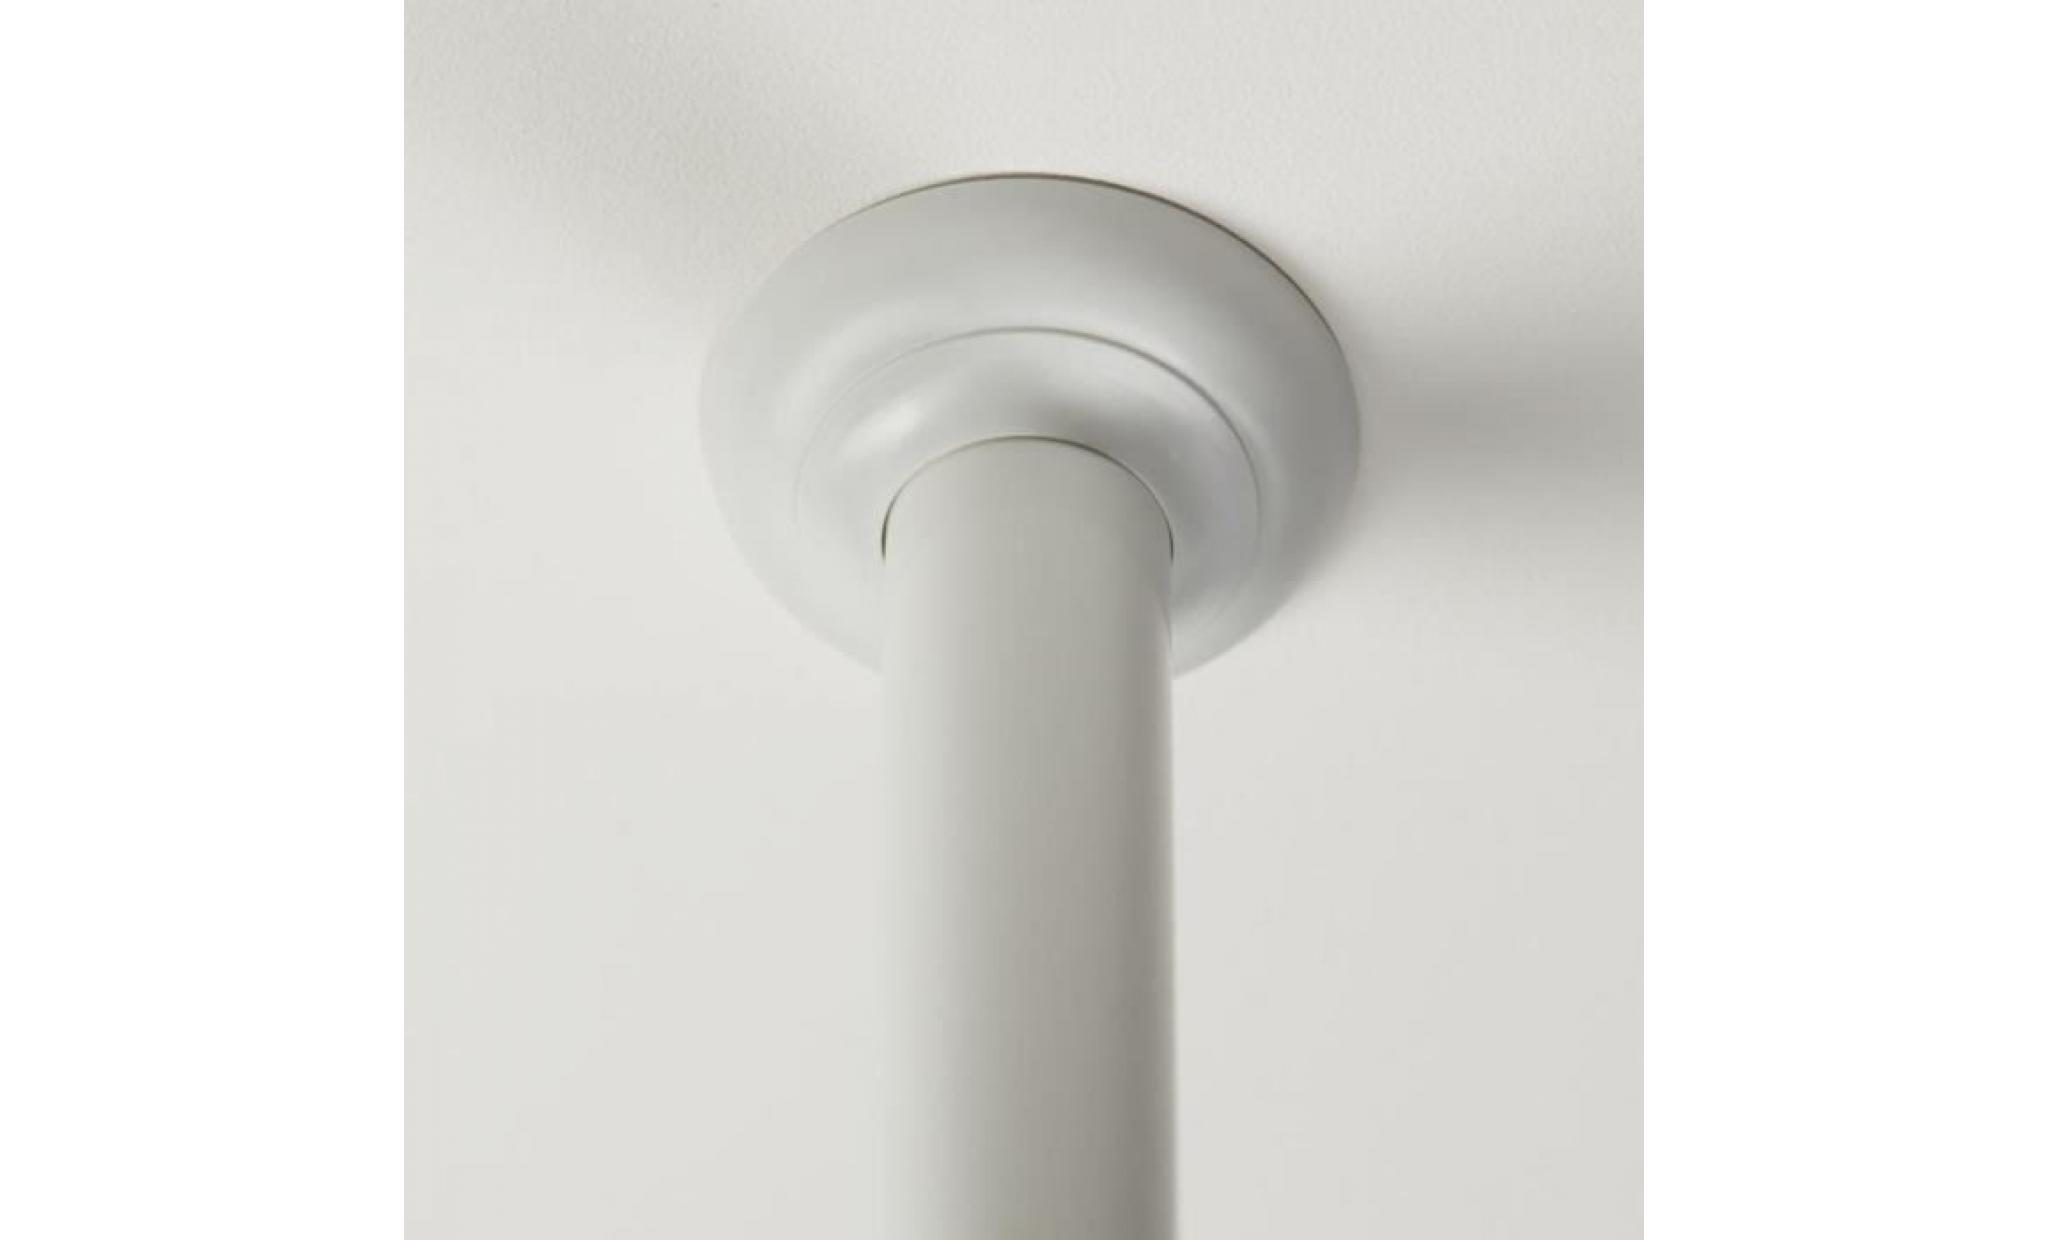 support de plafond seallux de 60 cm blanc 276668610 achat vente meuble tv pas cher couleur et design fr